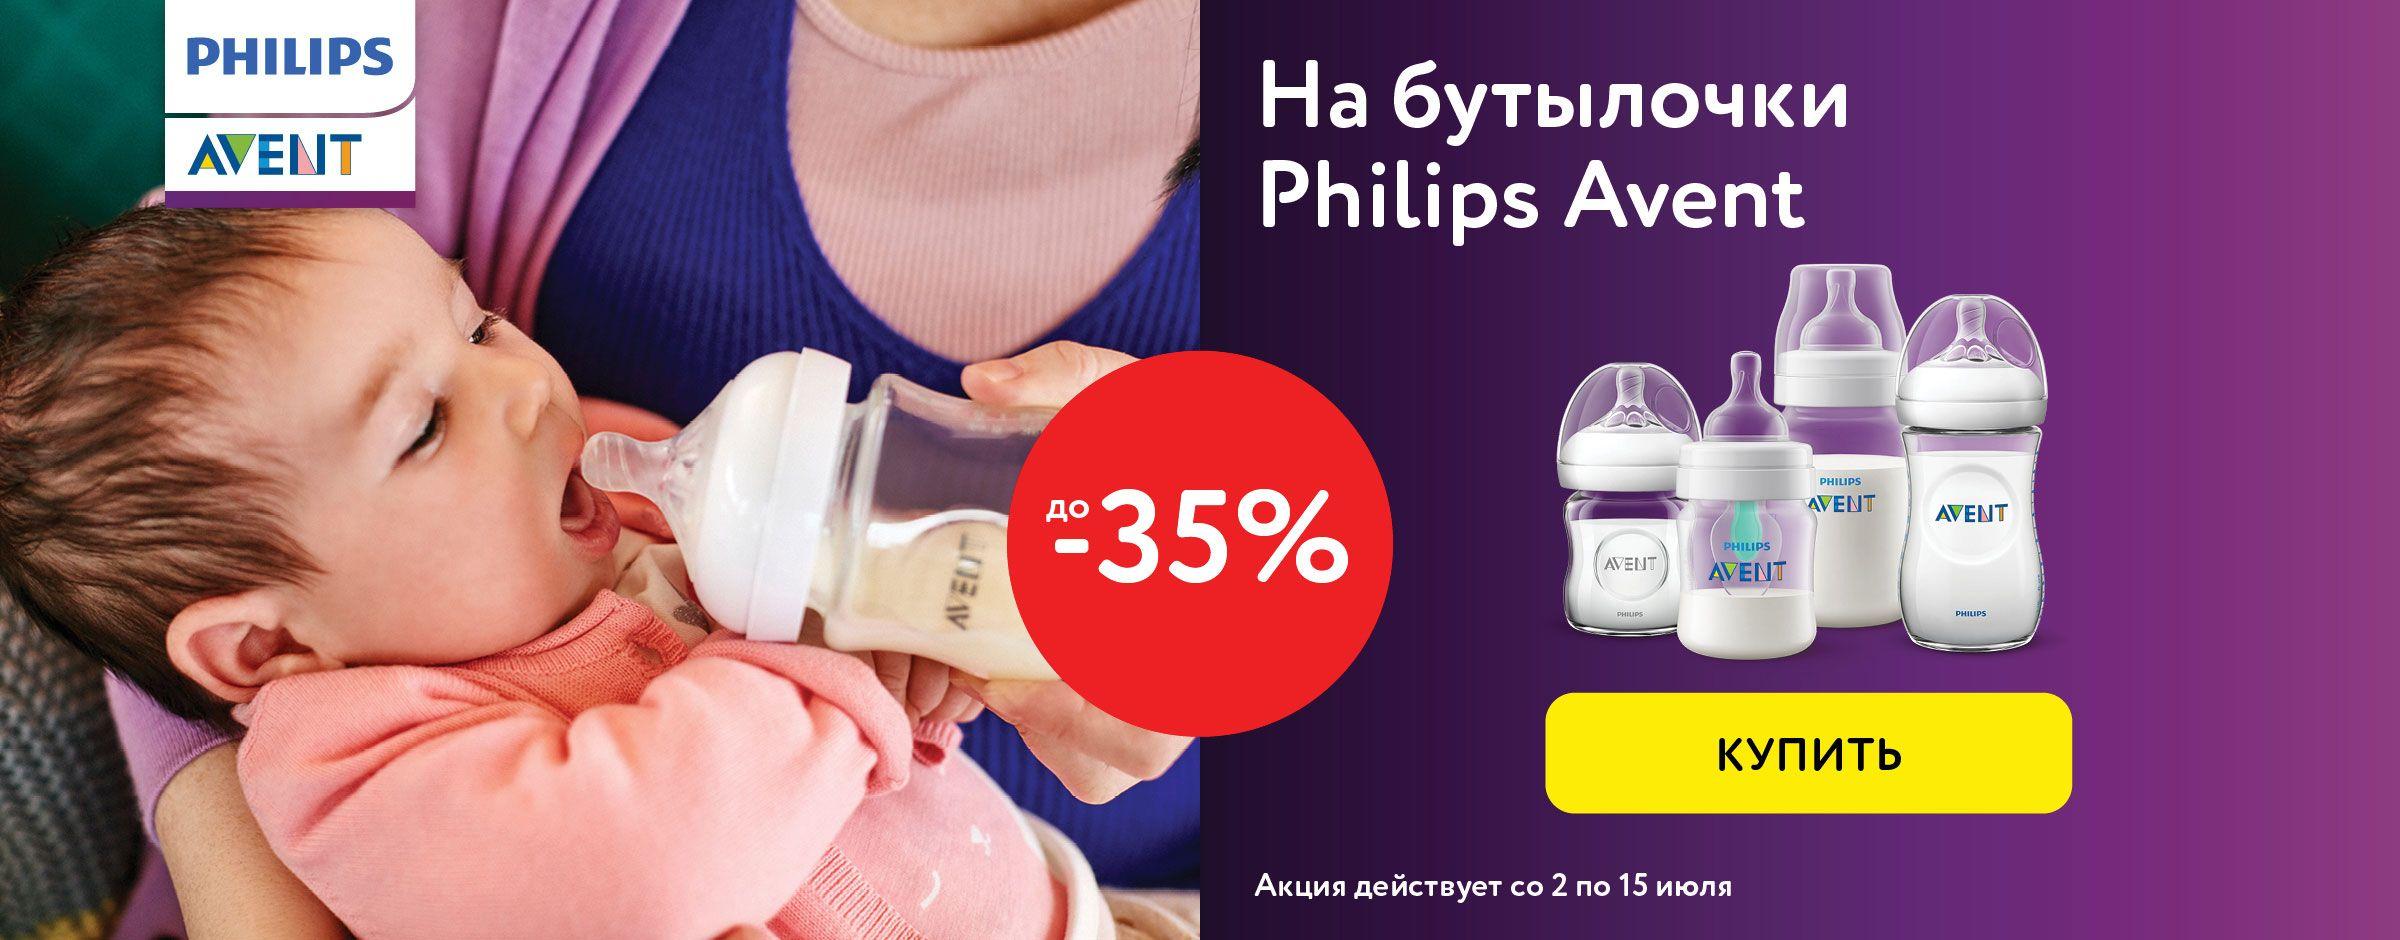 Бутылочки Philips Avent Гигиена и уход